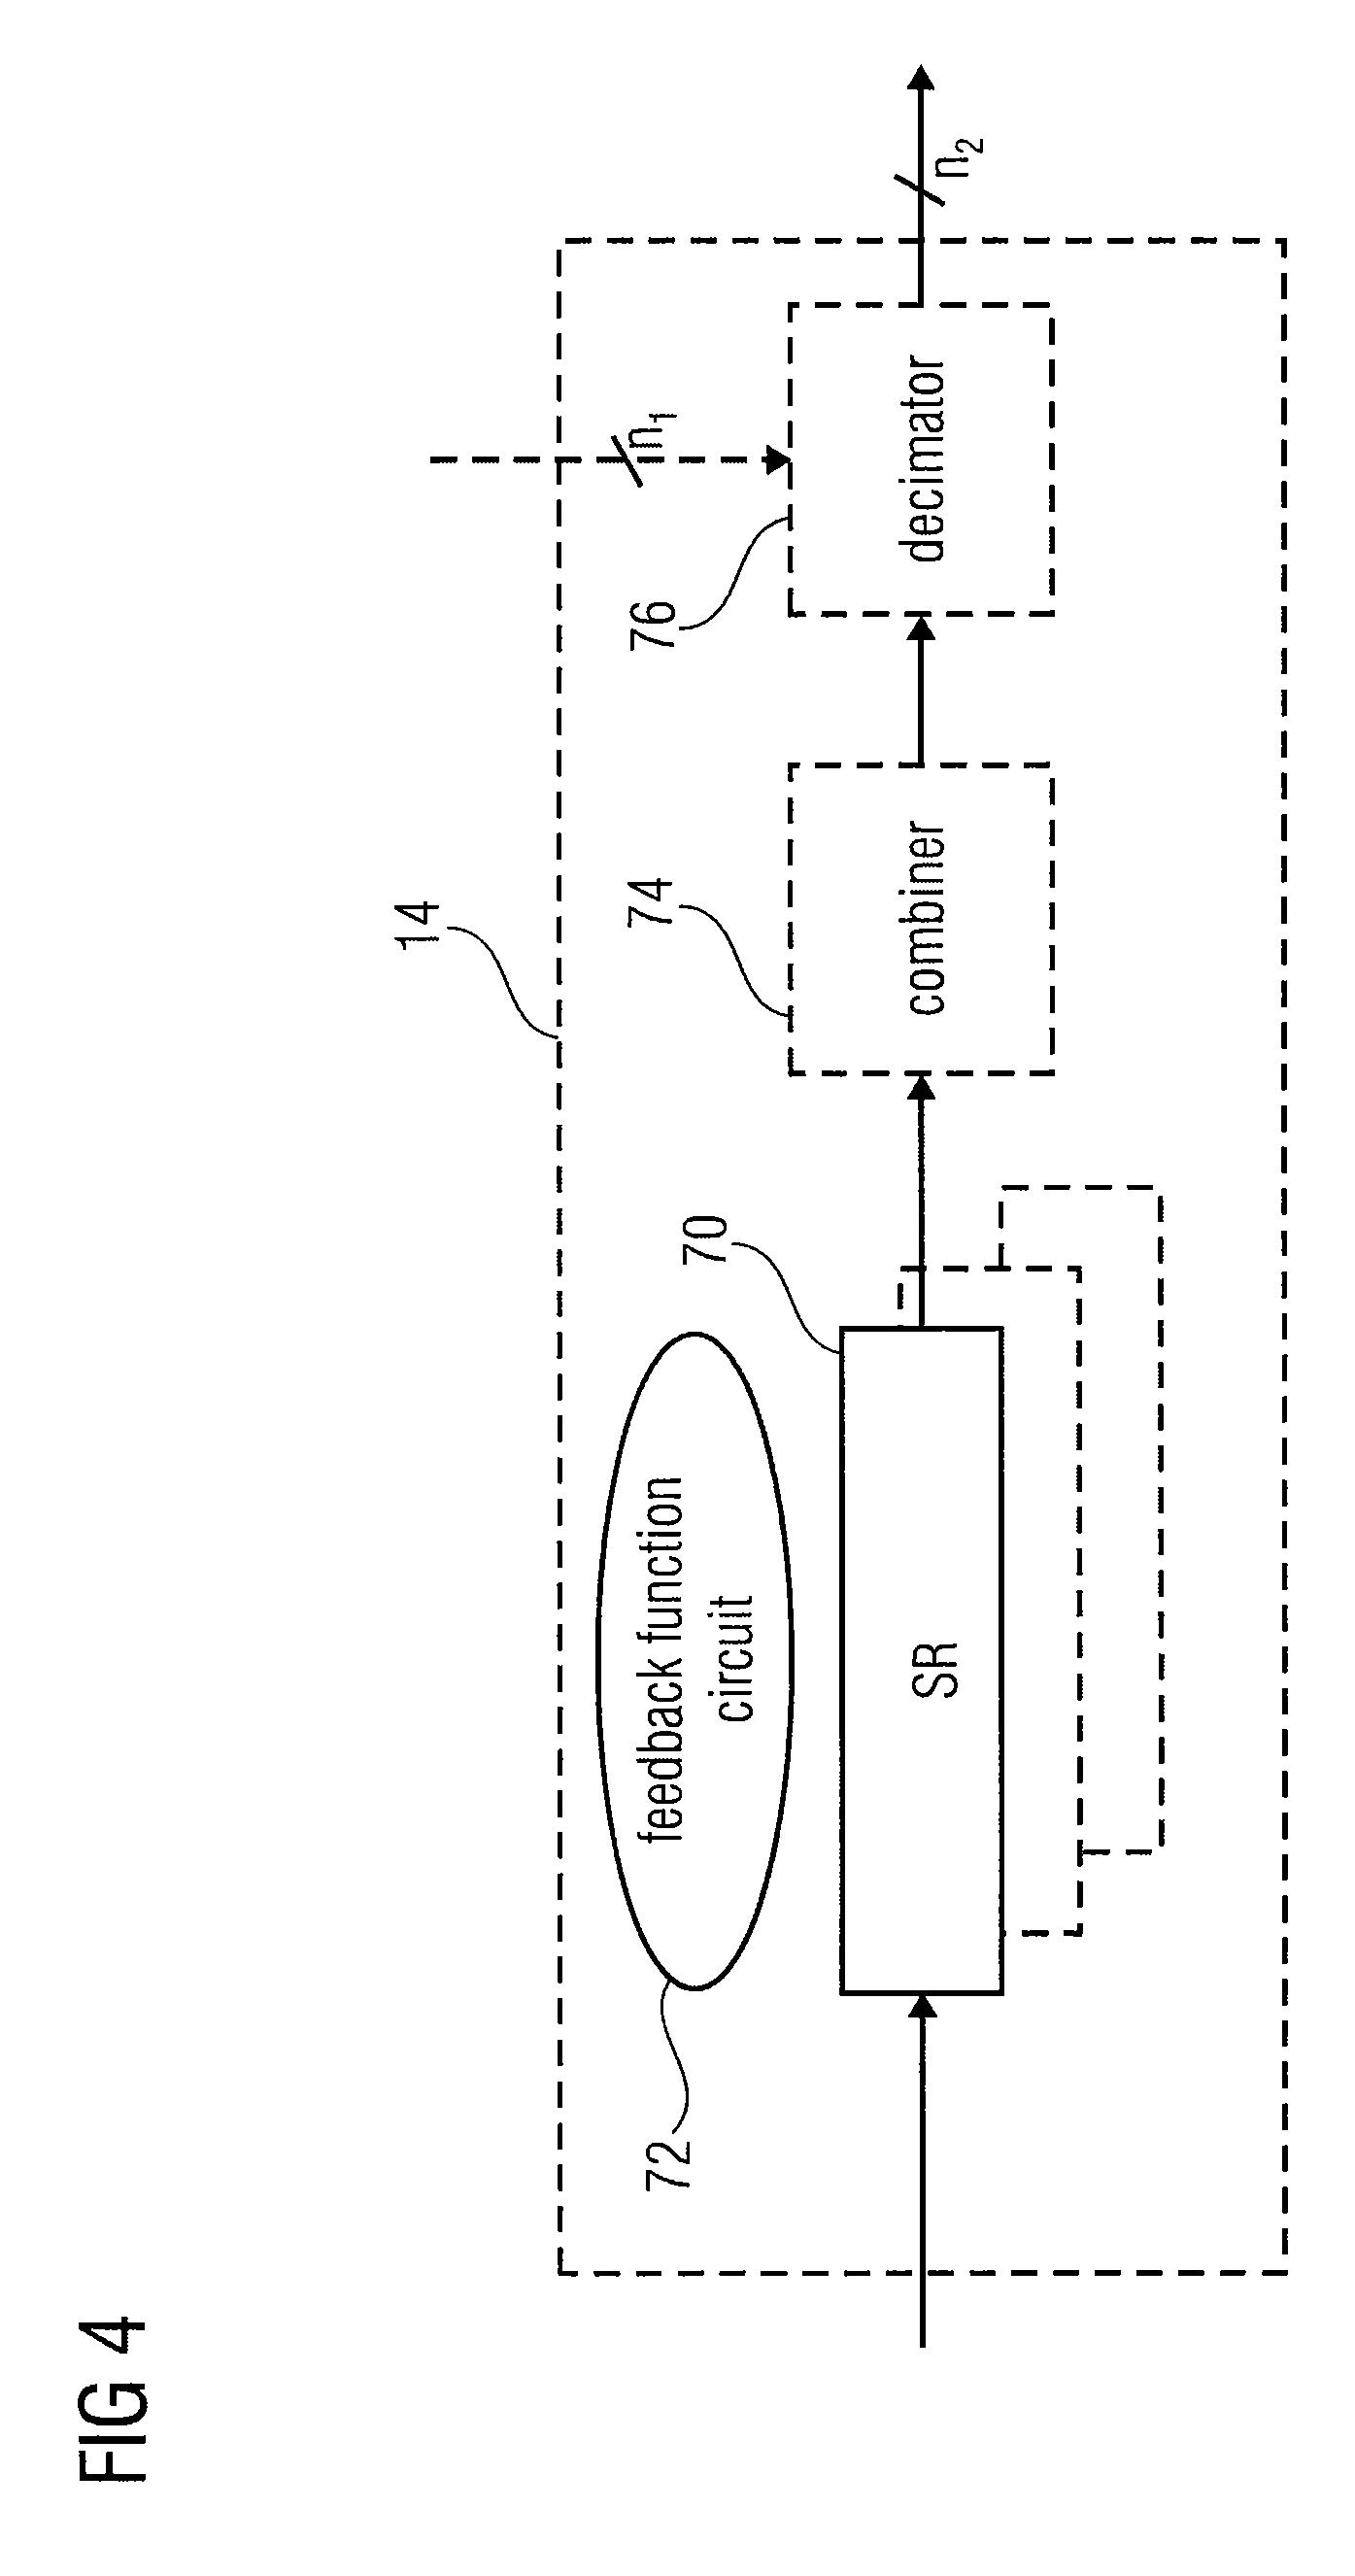 patent us20090204657